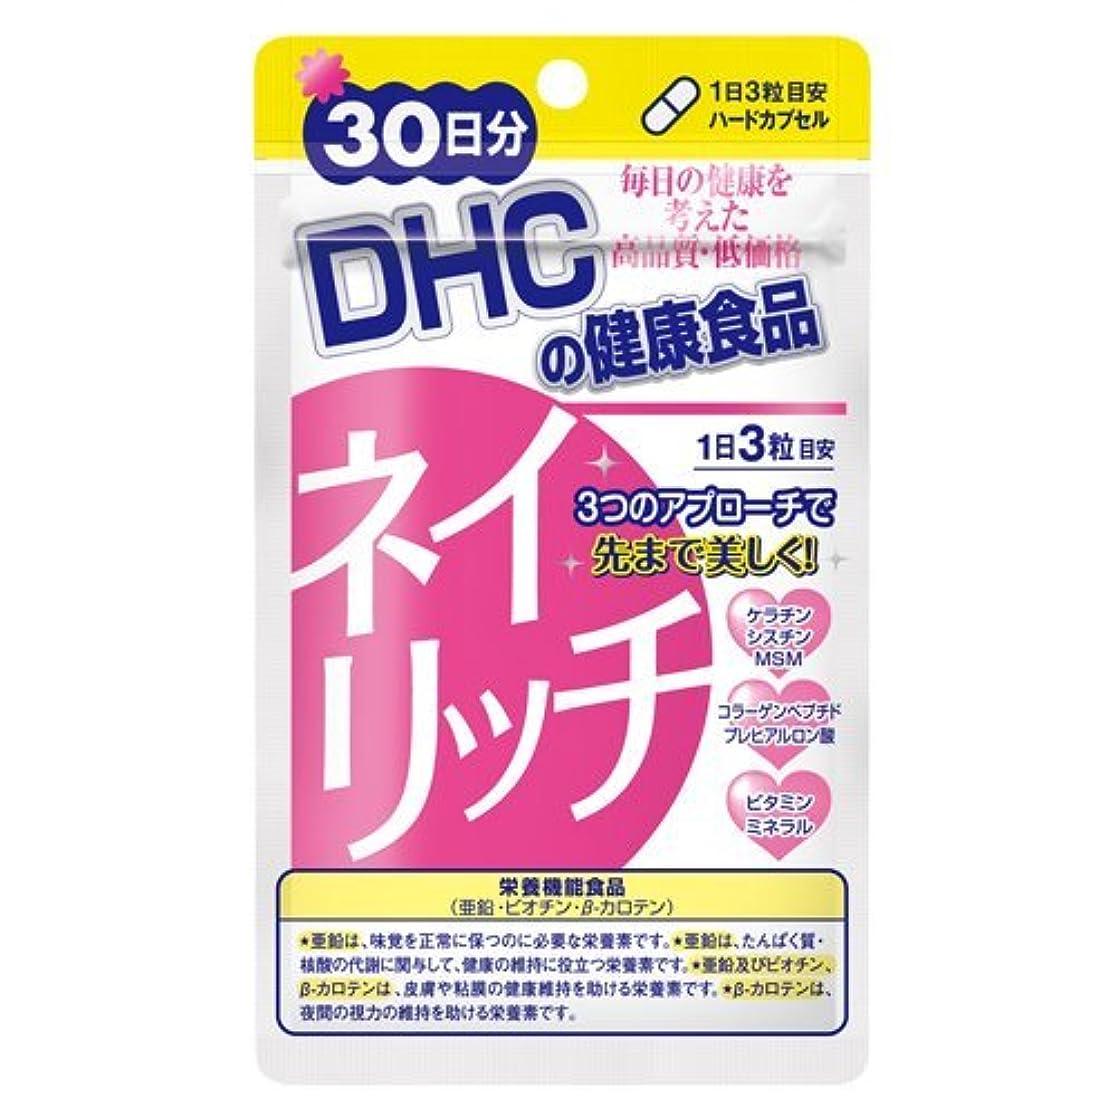 雪だるま遊び場ヒップファイン スポーツドリンクパウダーレモン味400g(40g×10袋)